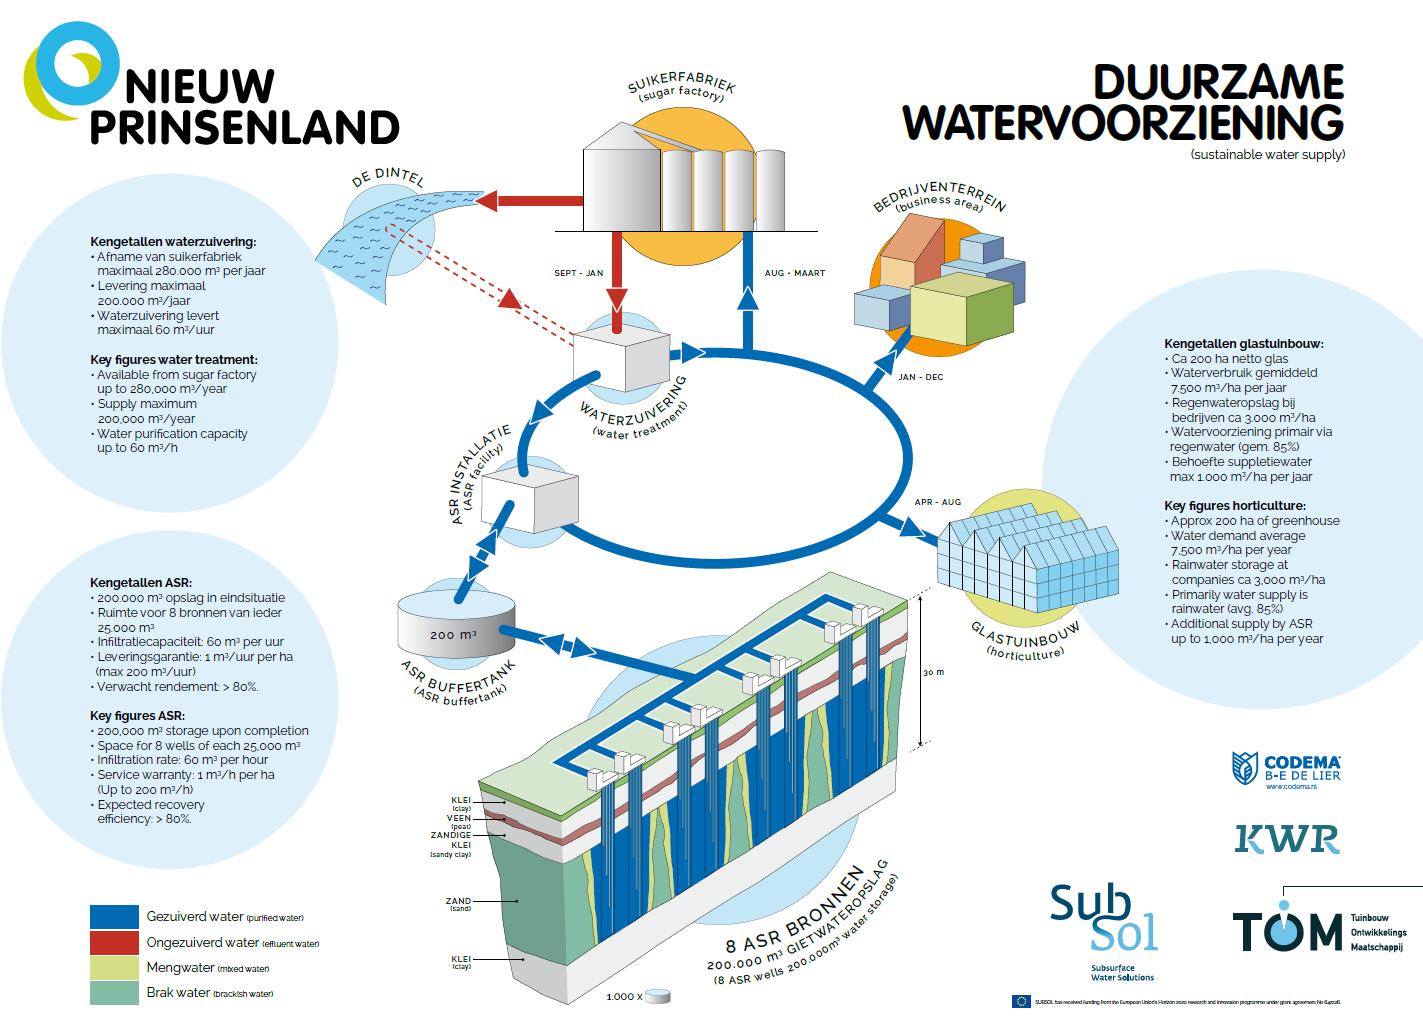 Overzicht van het systeem voor de watervoorziening Nieuw-Prinsenland